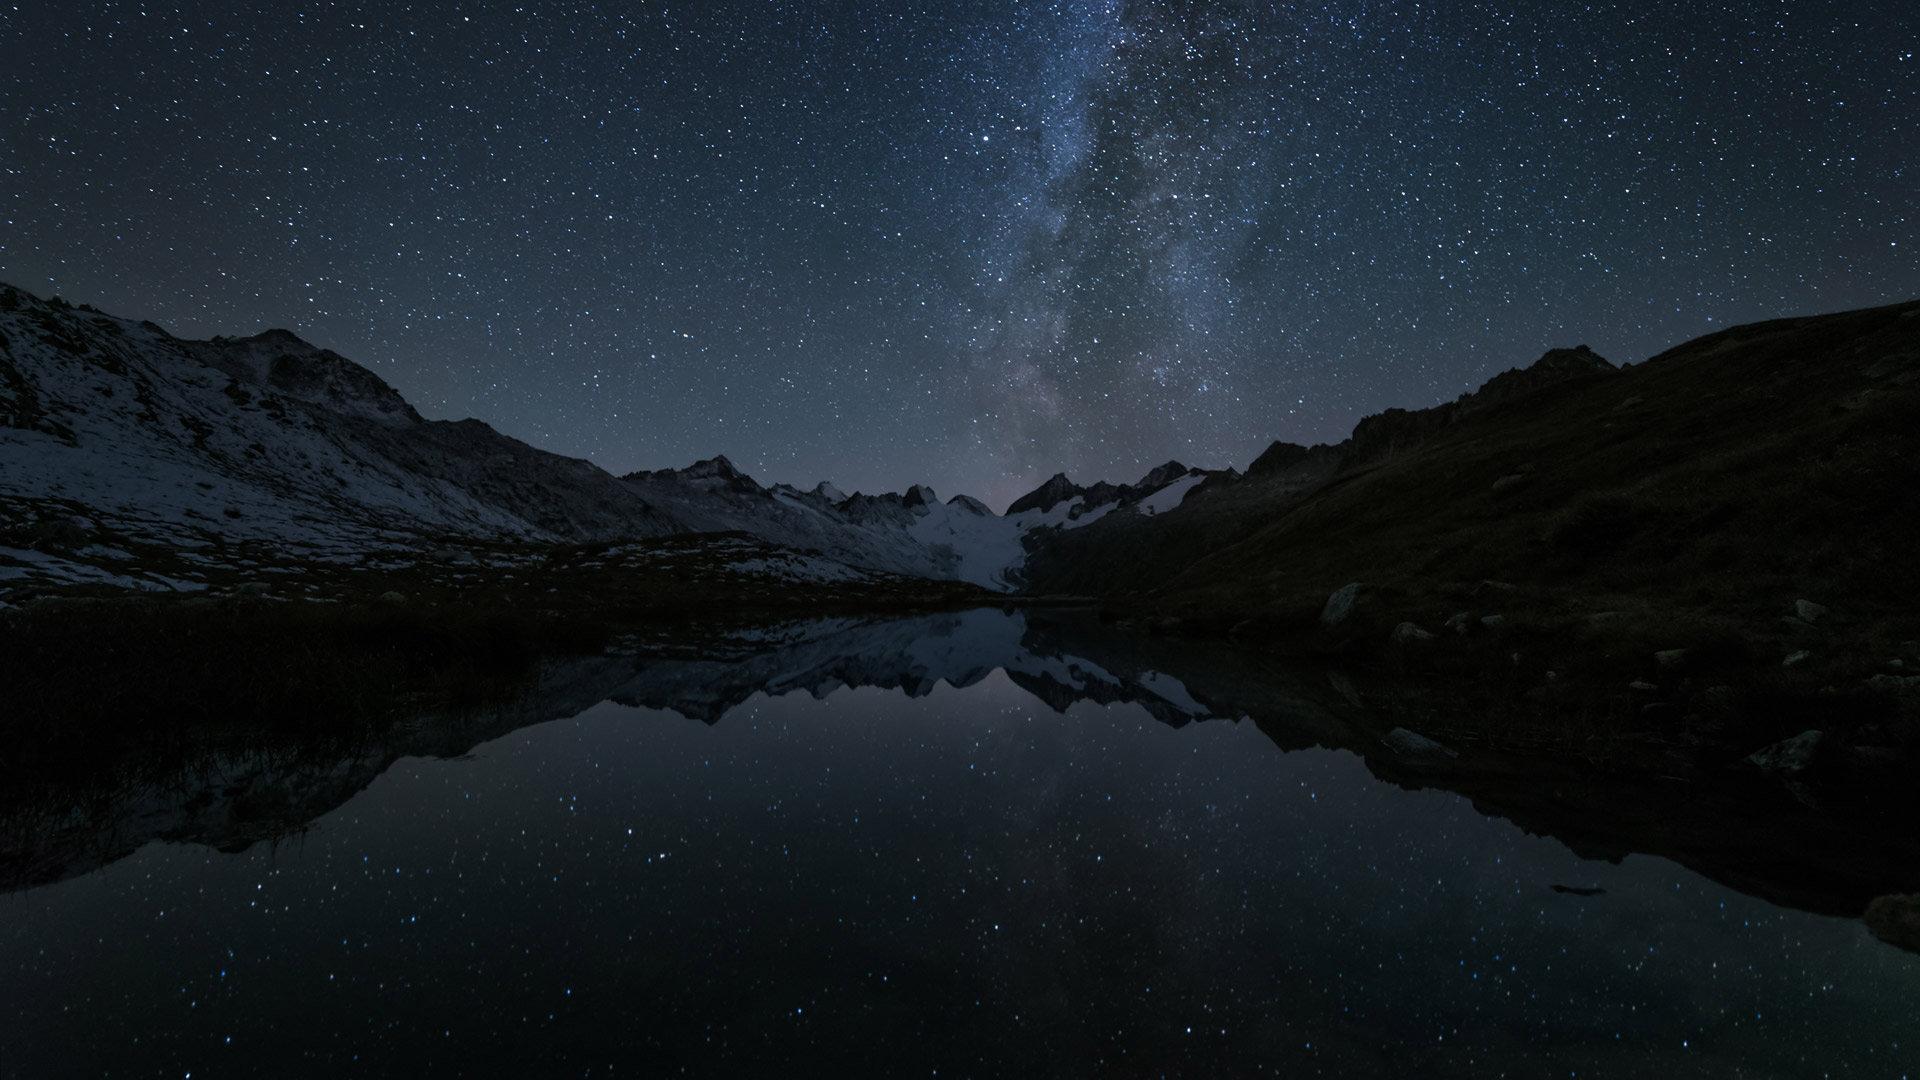 格里姆瑟尔山口Totesee山地湖中倒映出的星星星空